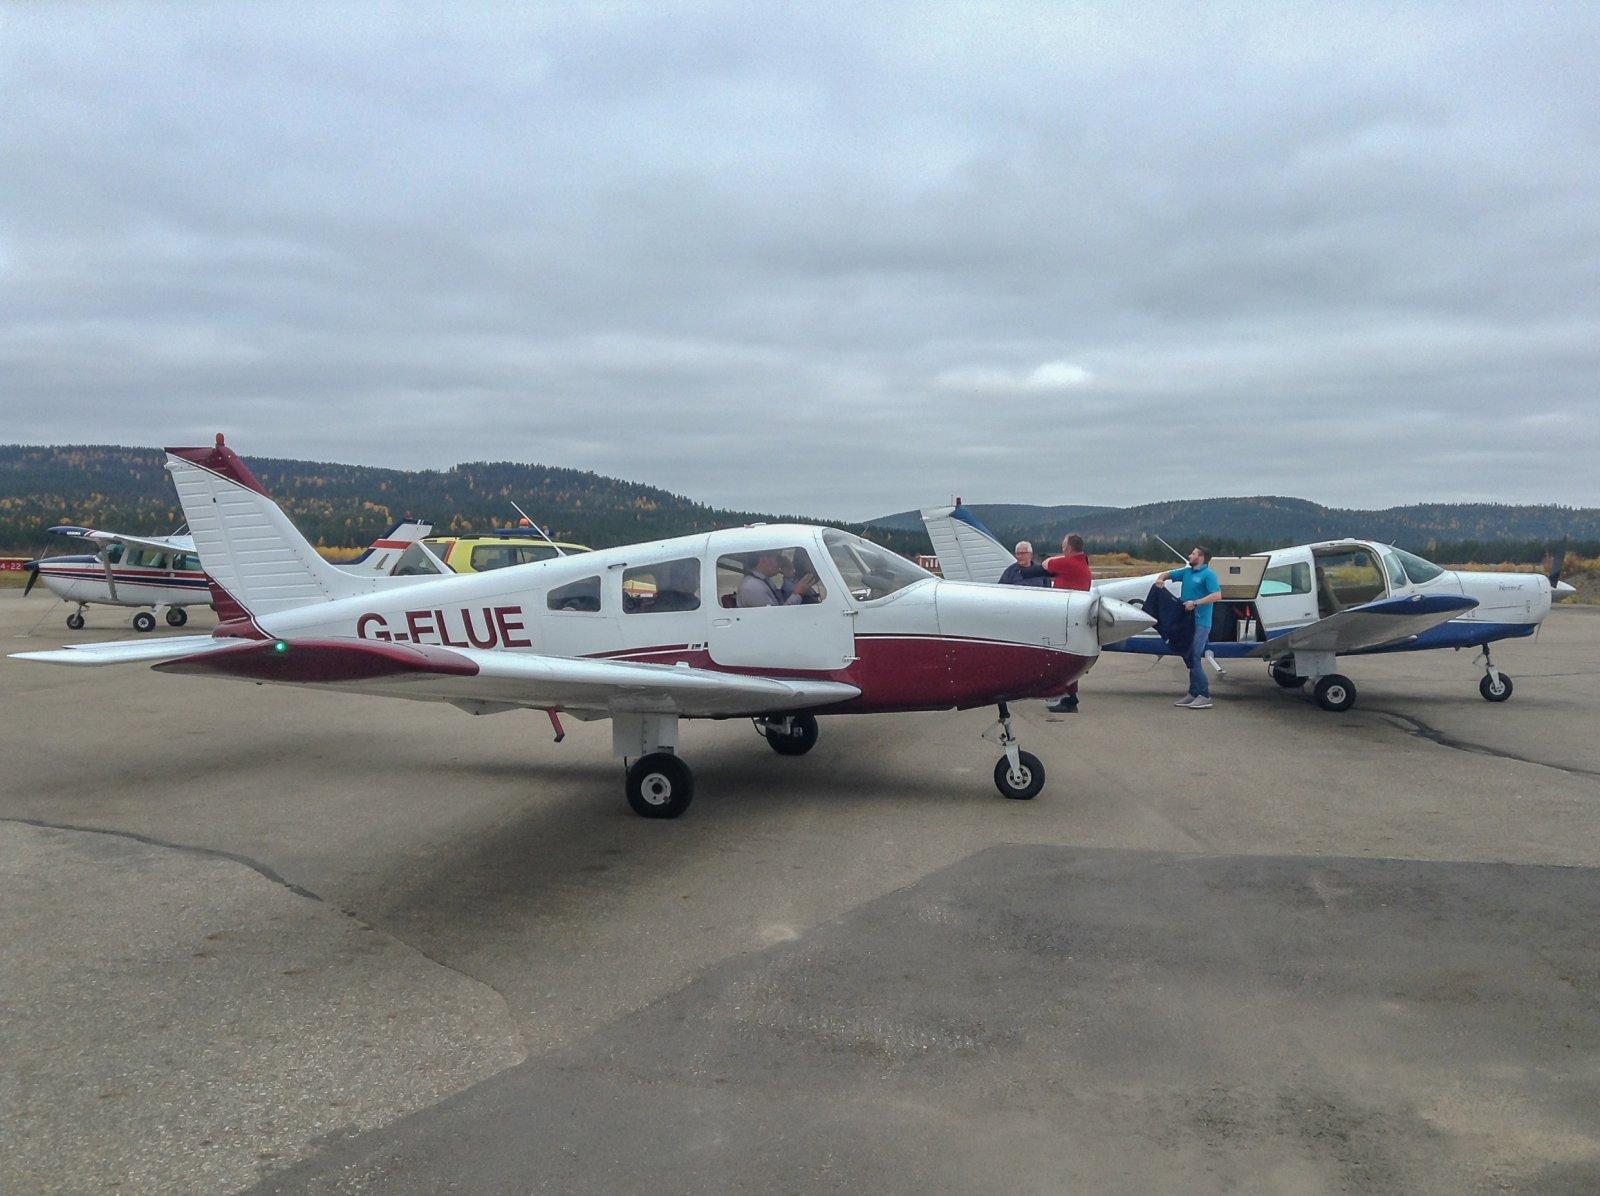 Tulimme SAR lennolta hieman ennen Pipereita.